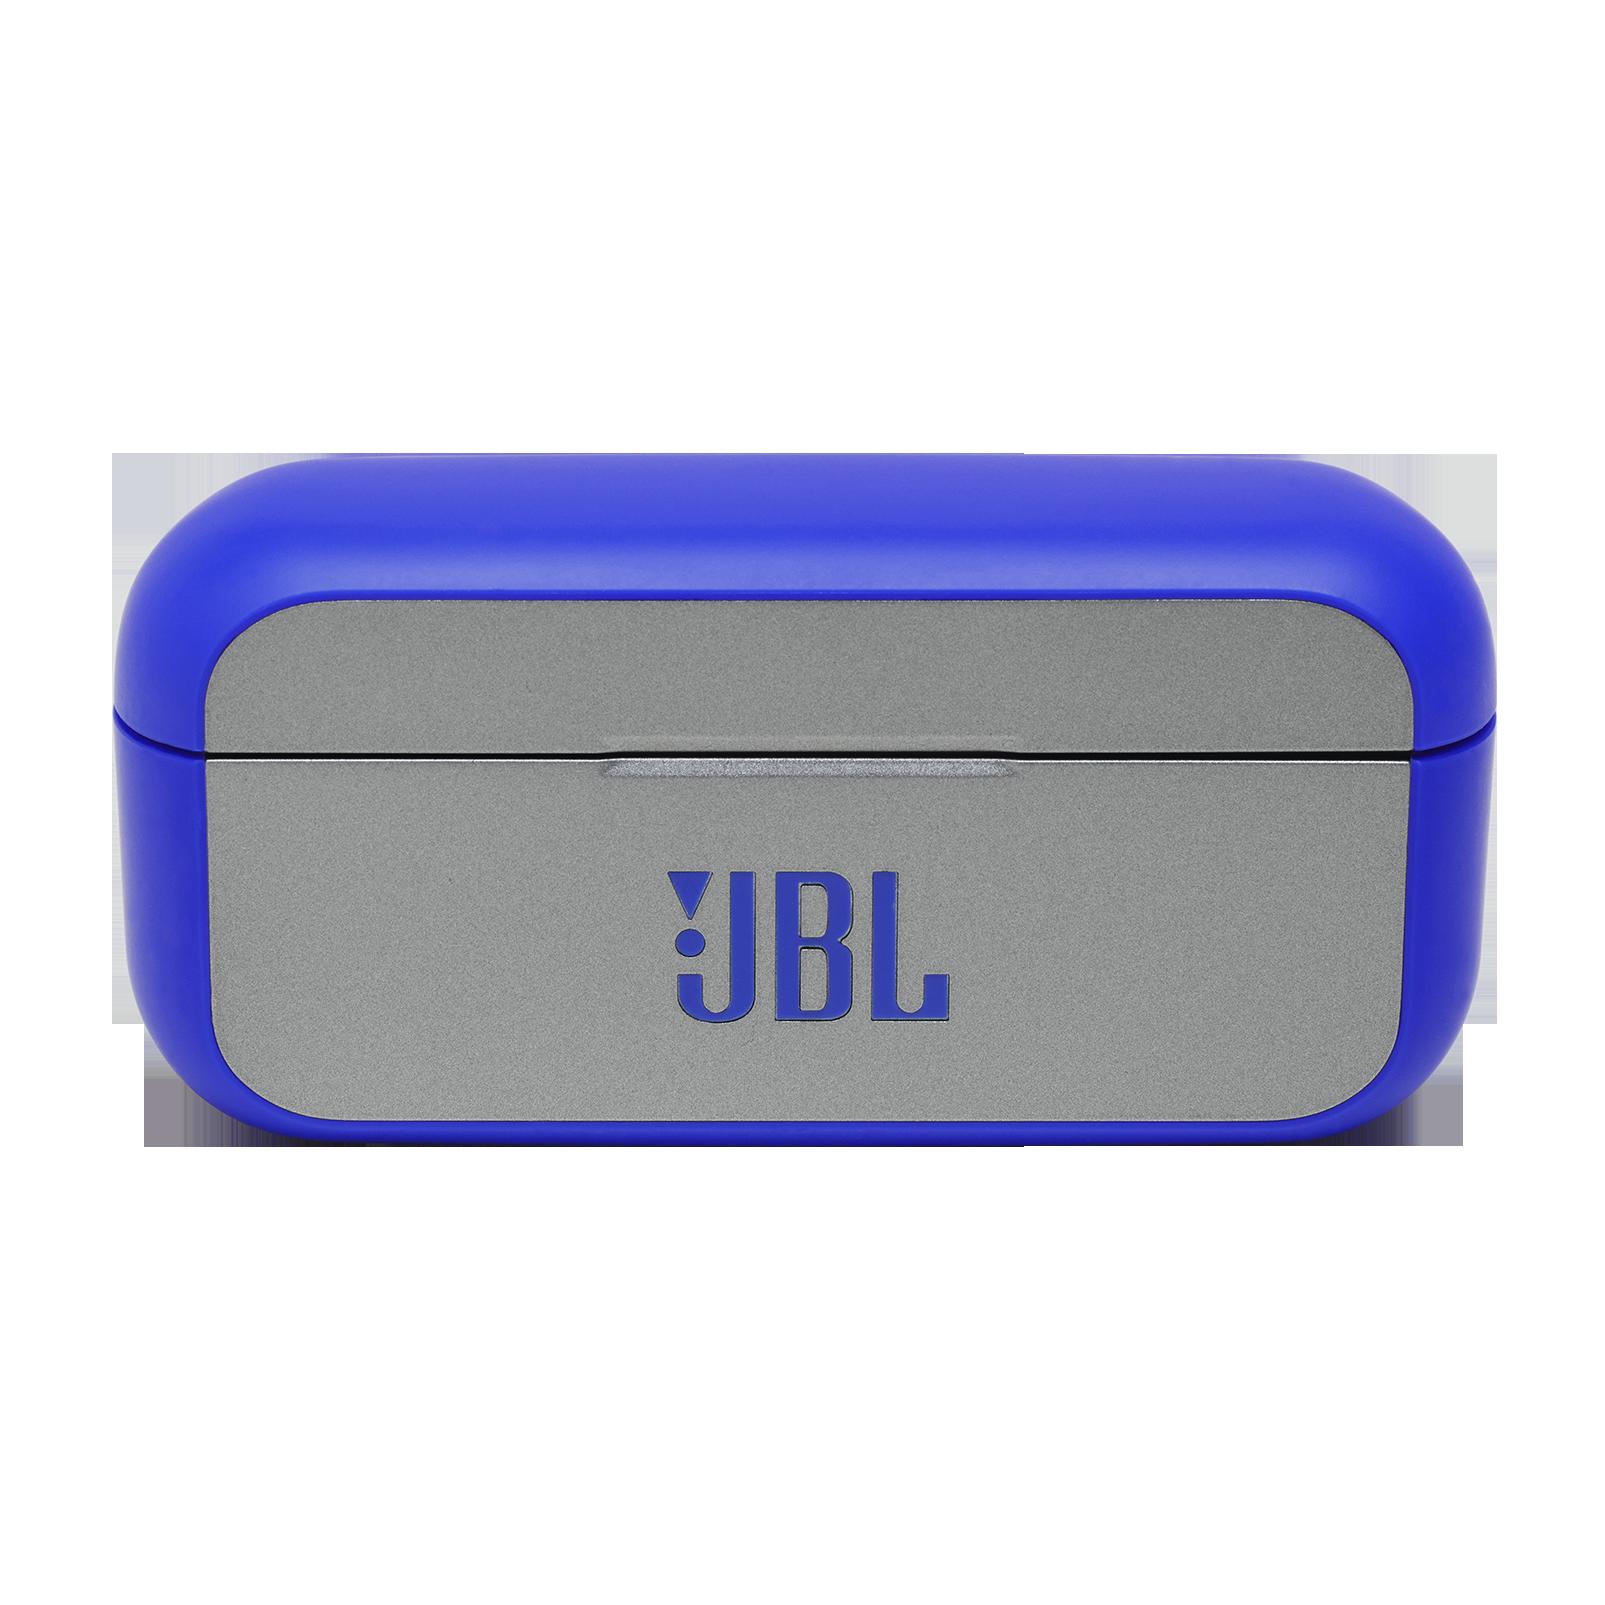 JBL REFLECT FLOW - Blue - True wireless sport headphones. - Detailshot 4